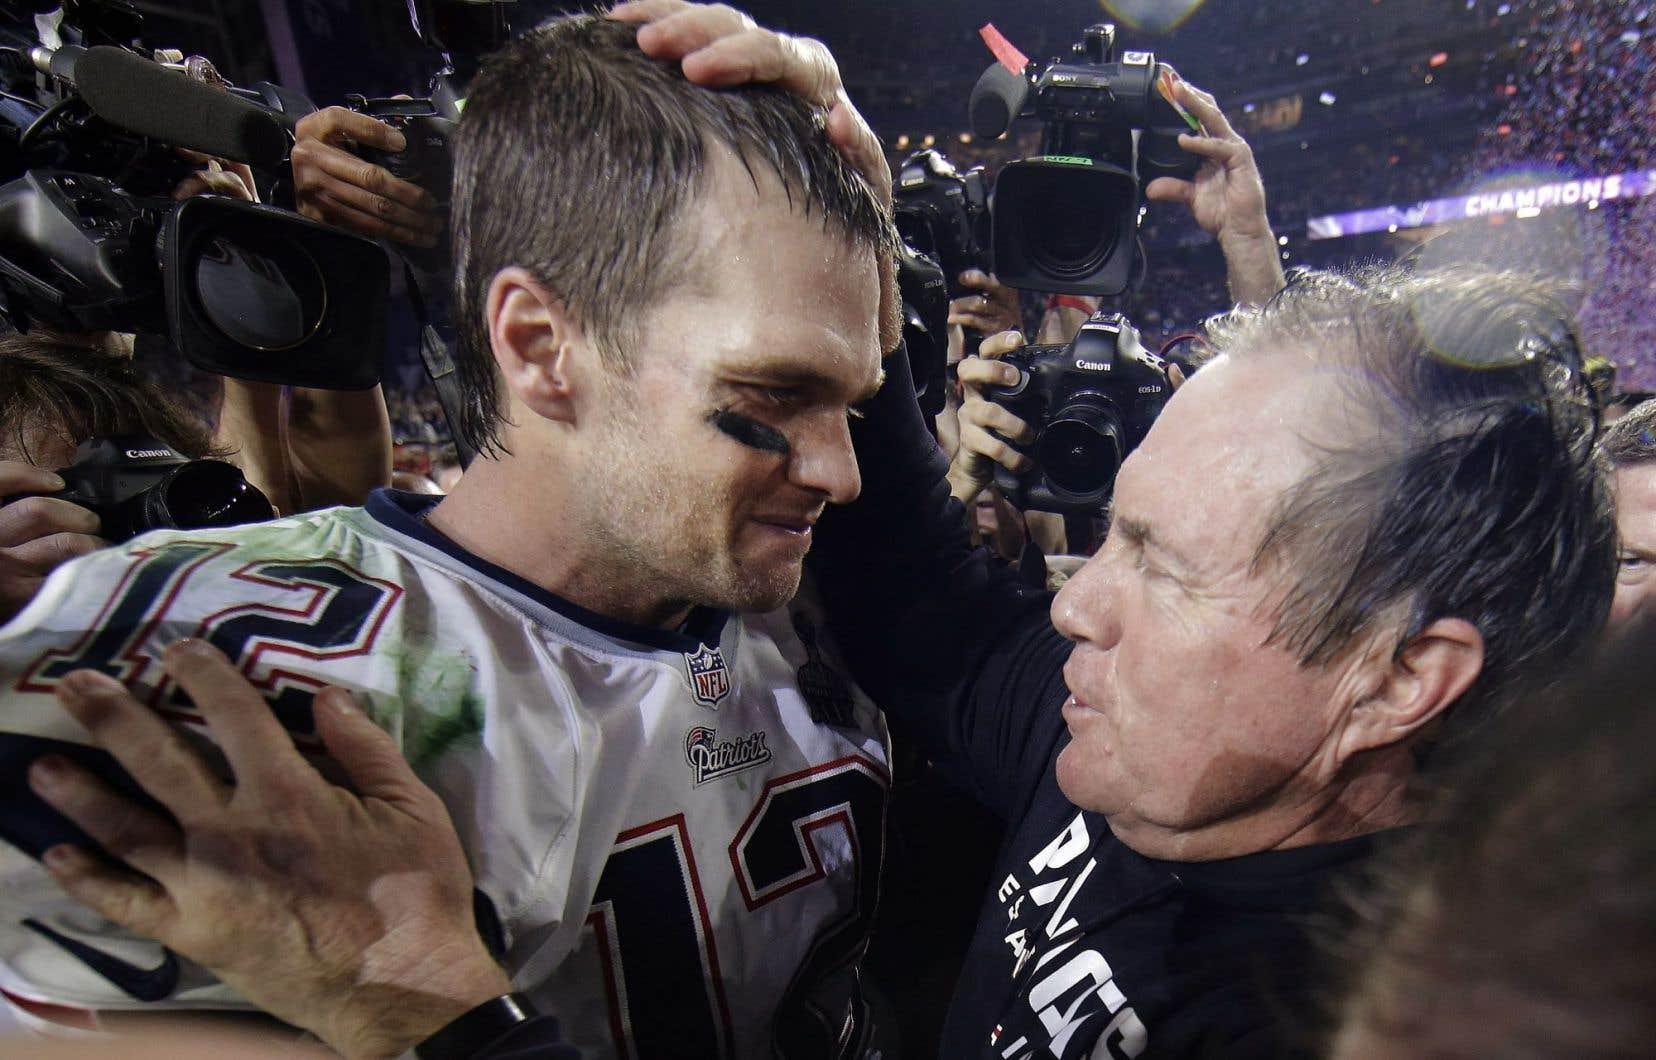 Dimanche, Tom Brady et Bill Belichik viseront un cinquième titre du Super Bowl, ce qui constituerait un record. Sur la photo, les deux hommes célébraient leur quatrième victoire lors du XLIX Super Bowl.